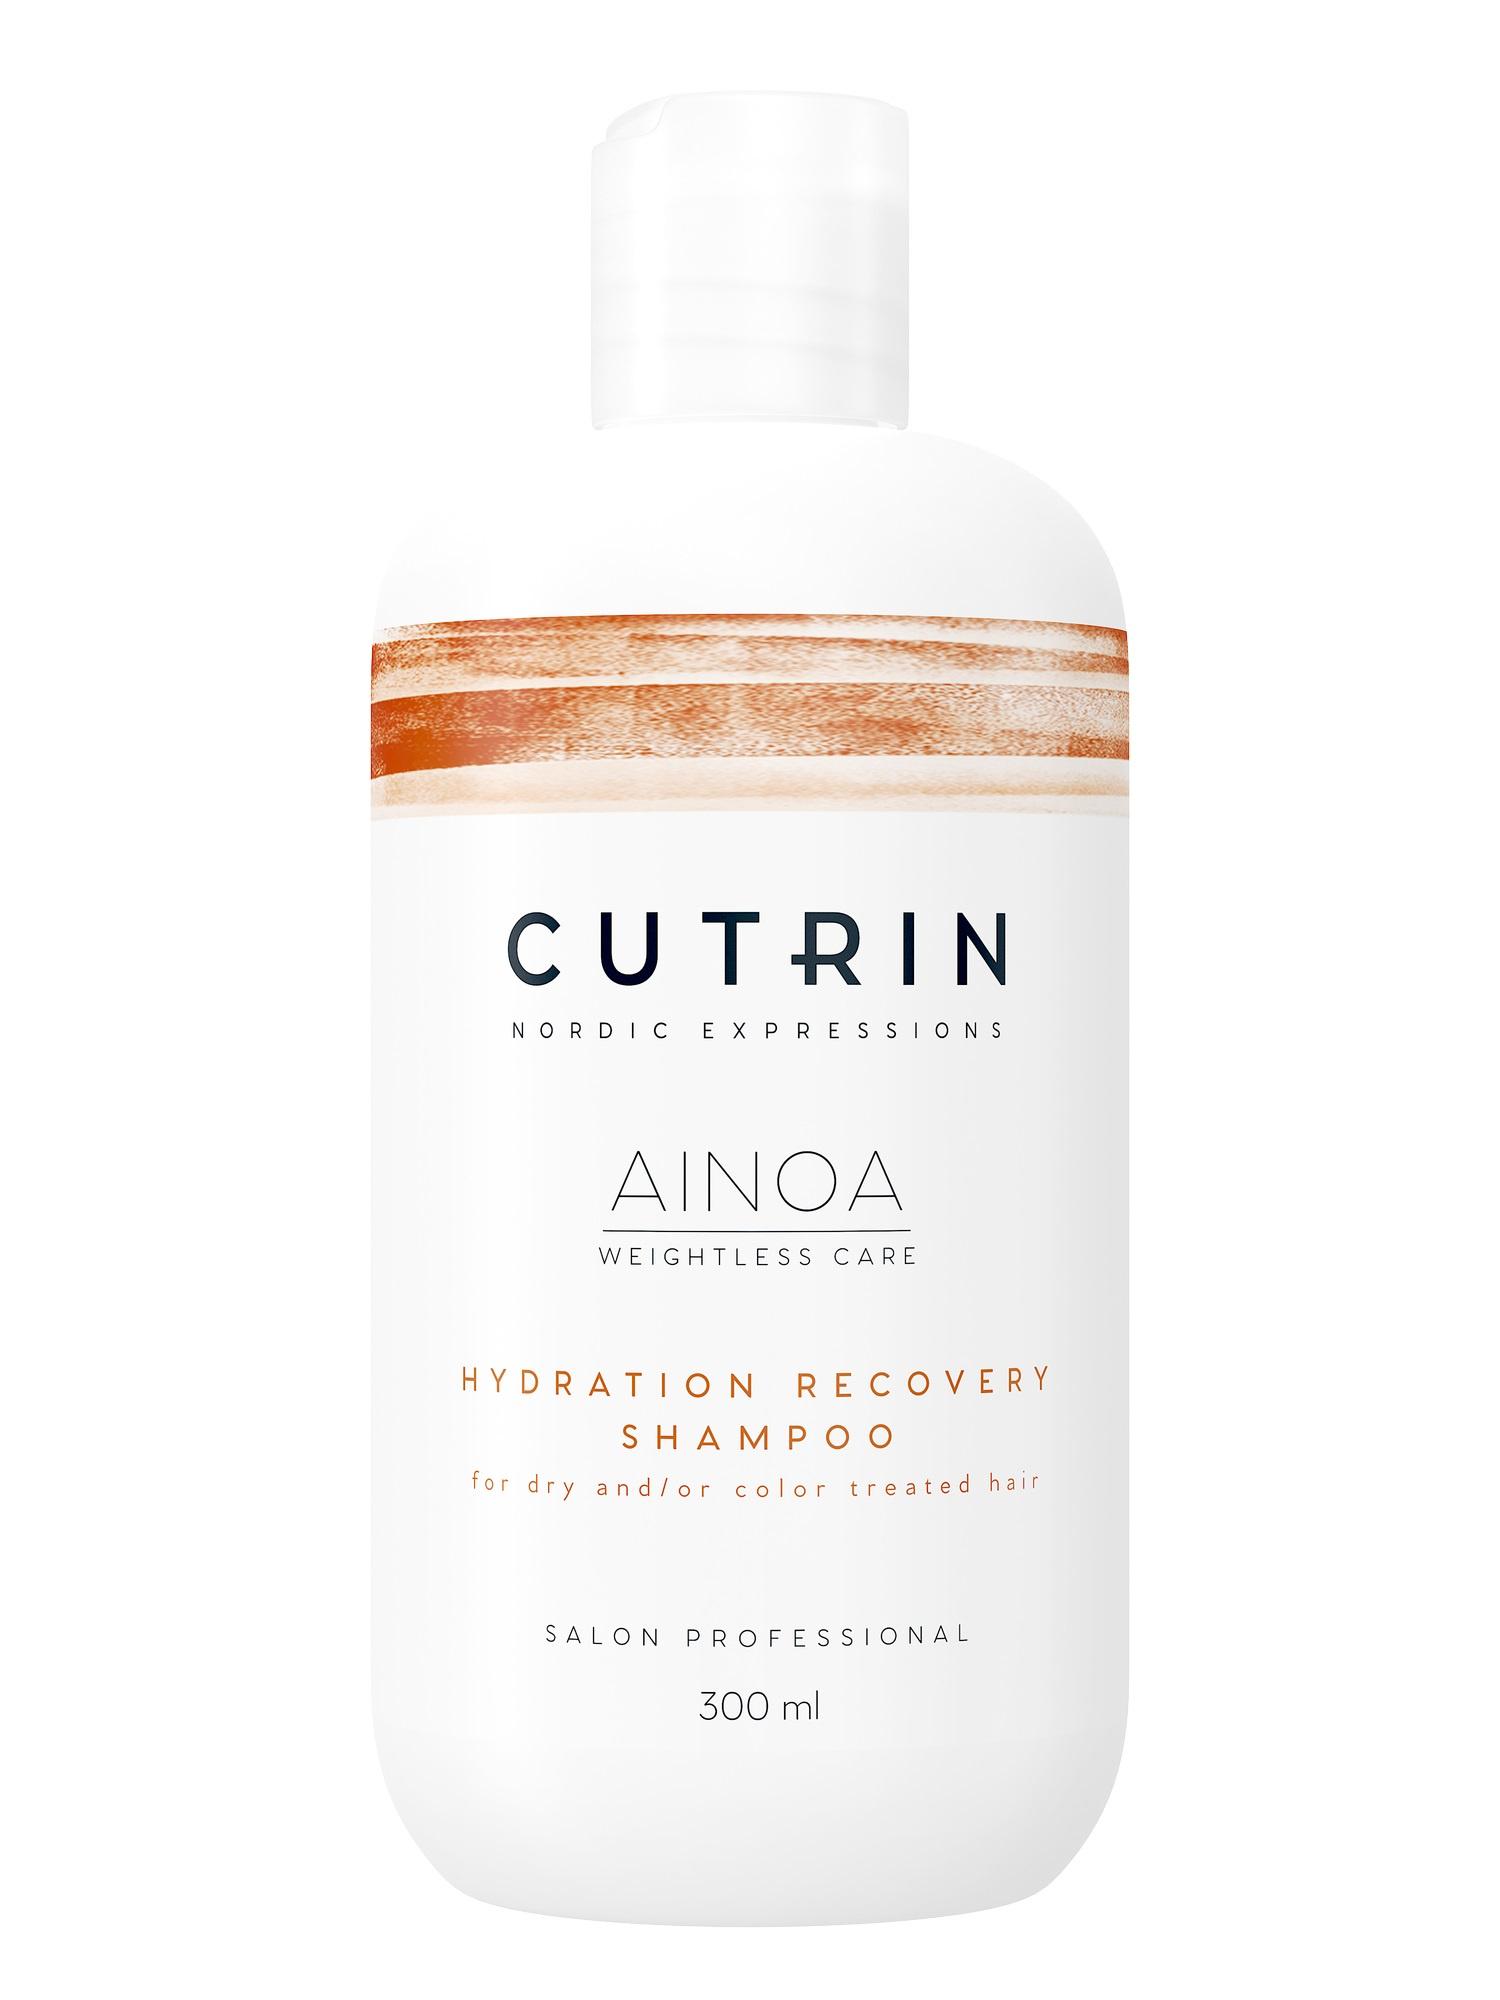 Шампунь для волос CUTRIN AINOA для увлажнения hydration recovery 300 мл cutrin шампунь для волос и тела 300 мл